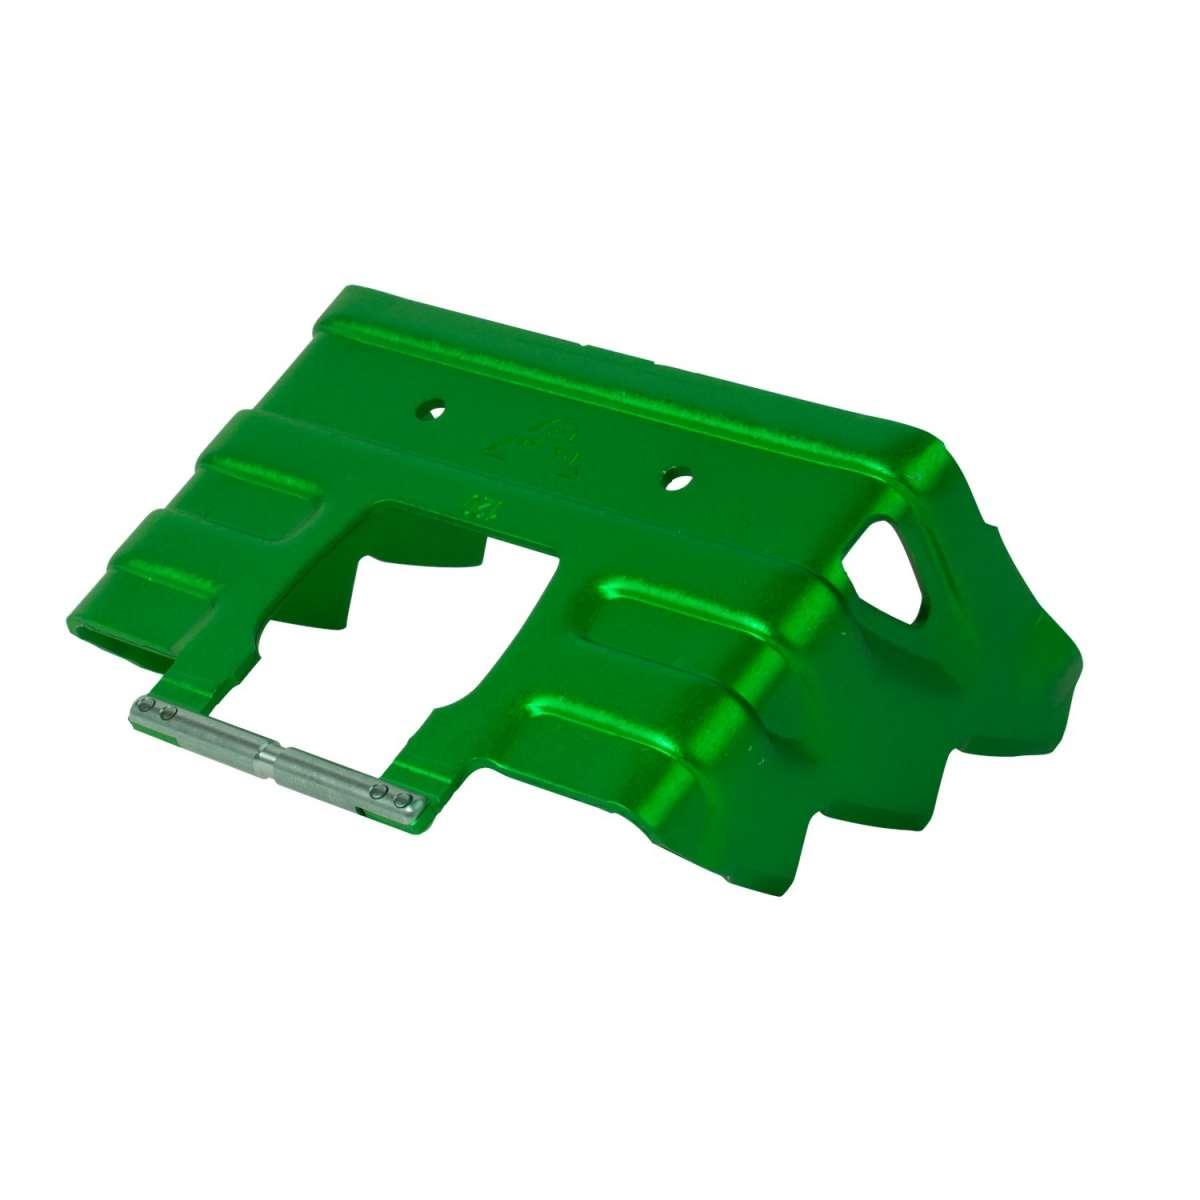 DYNAFIT Crampons 80mm 2400 green -